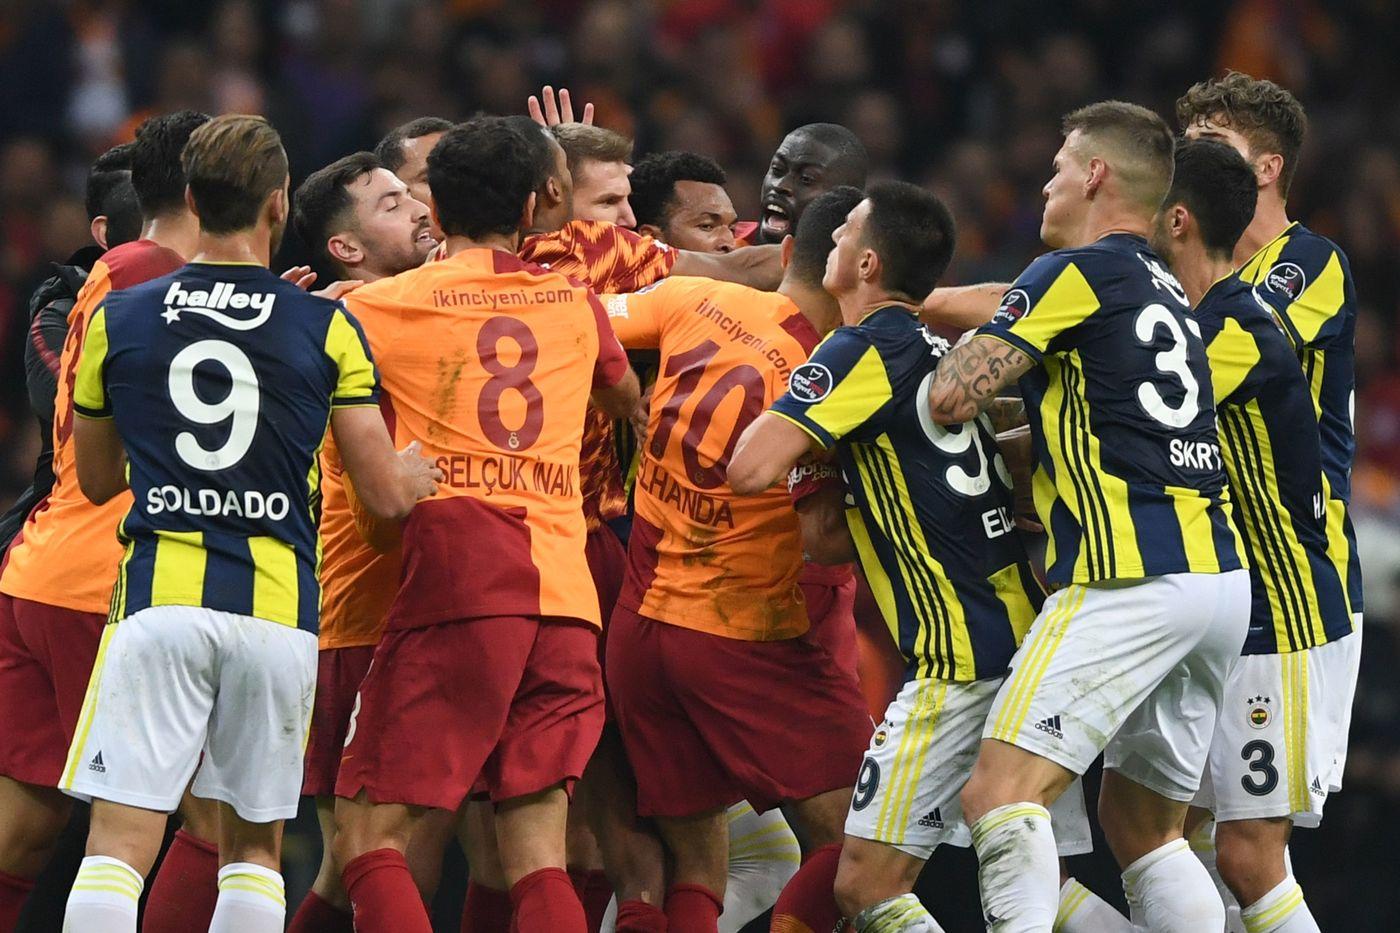 Super Lig Turchia 11 novembre: si giocano 4 gare della 12 esima giornata del campionato turco. Basaksehir primo a quota 24 punti.